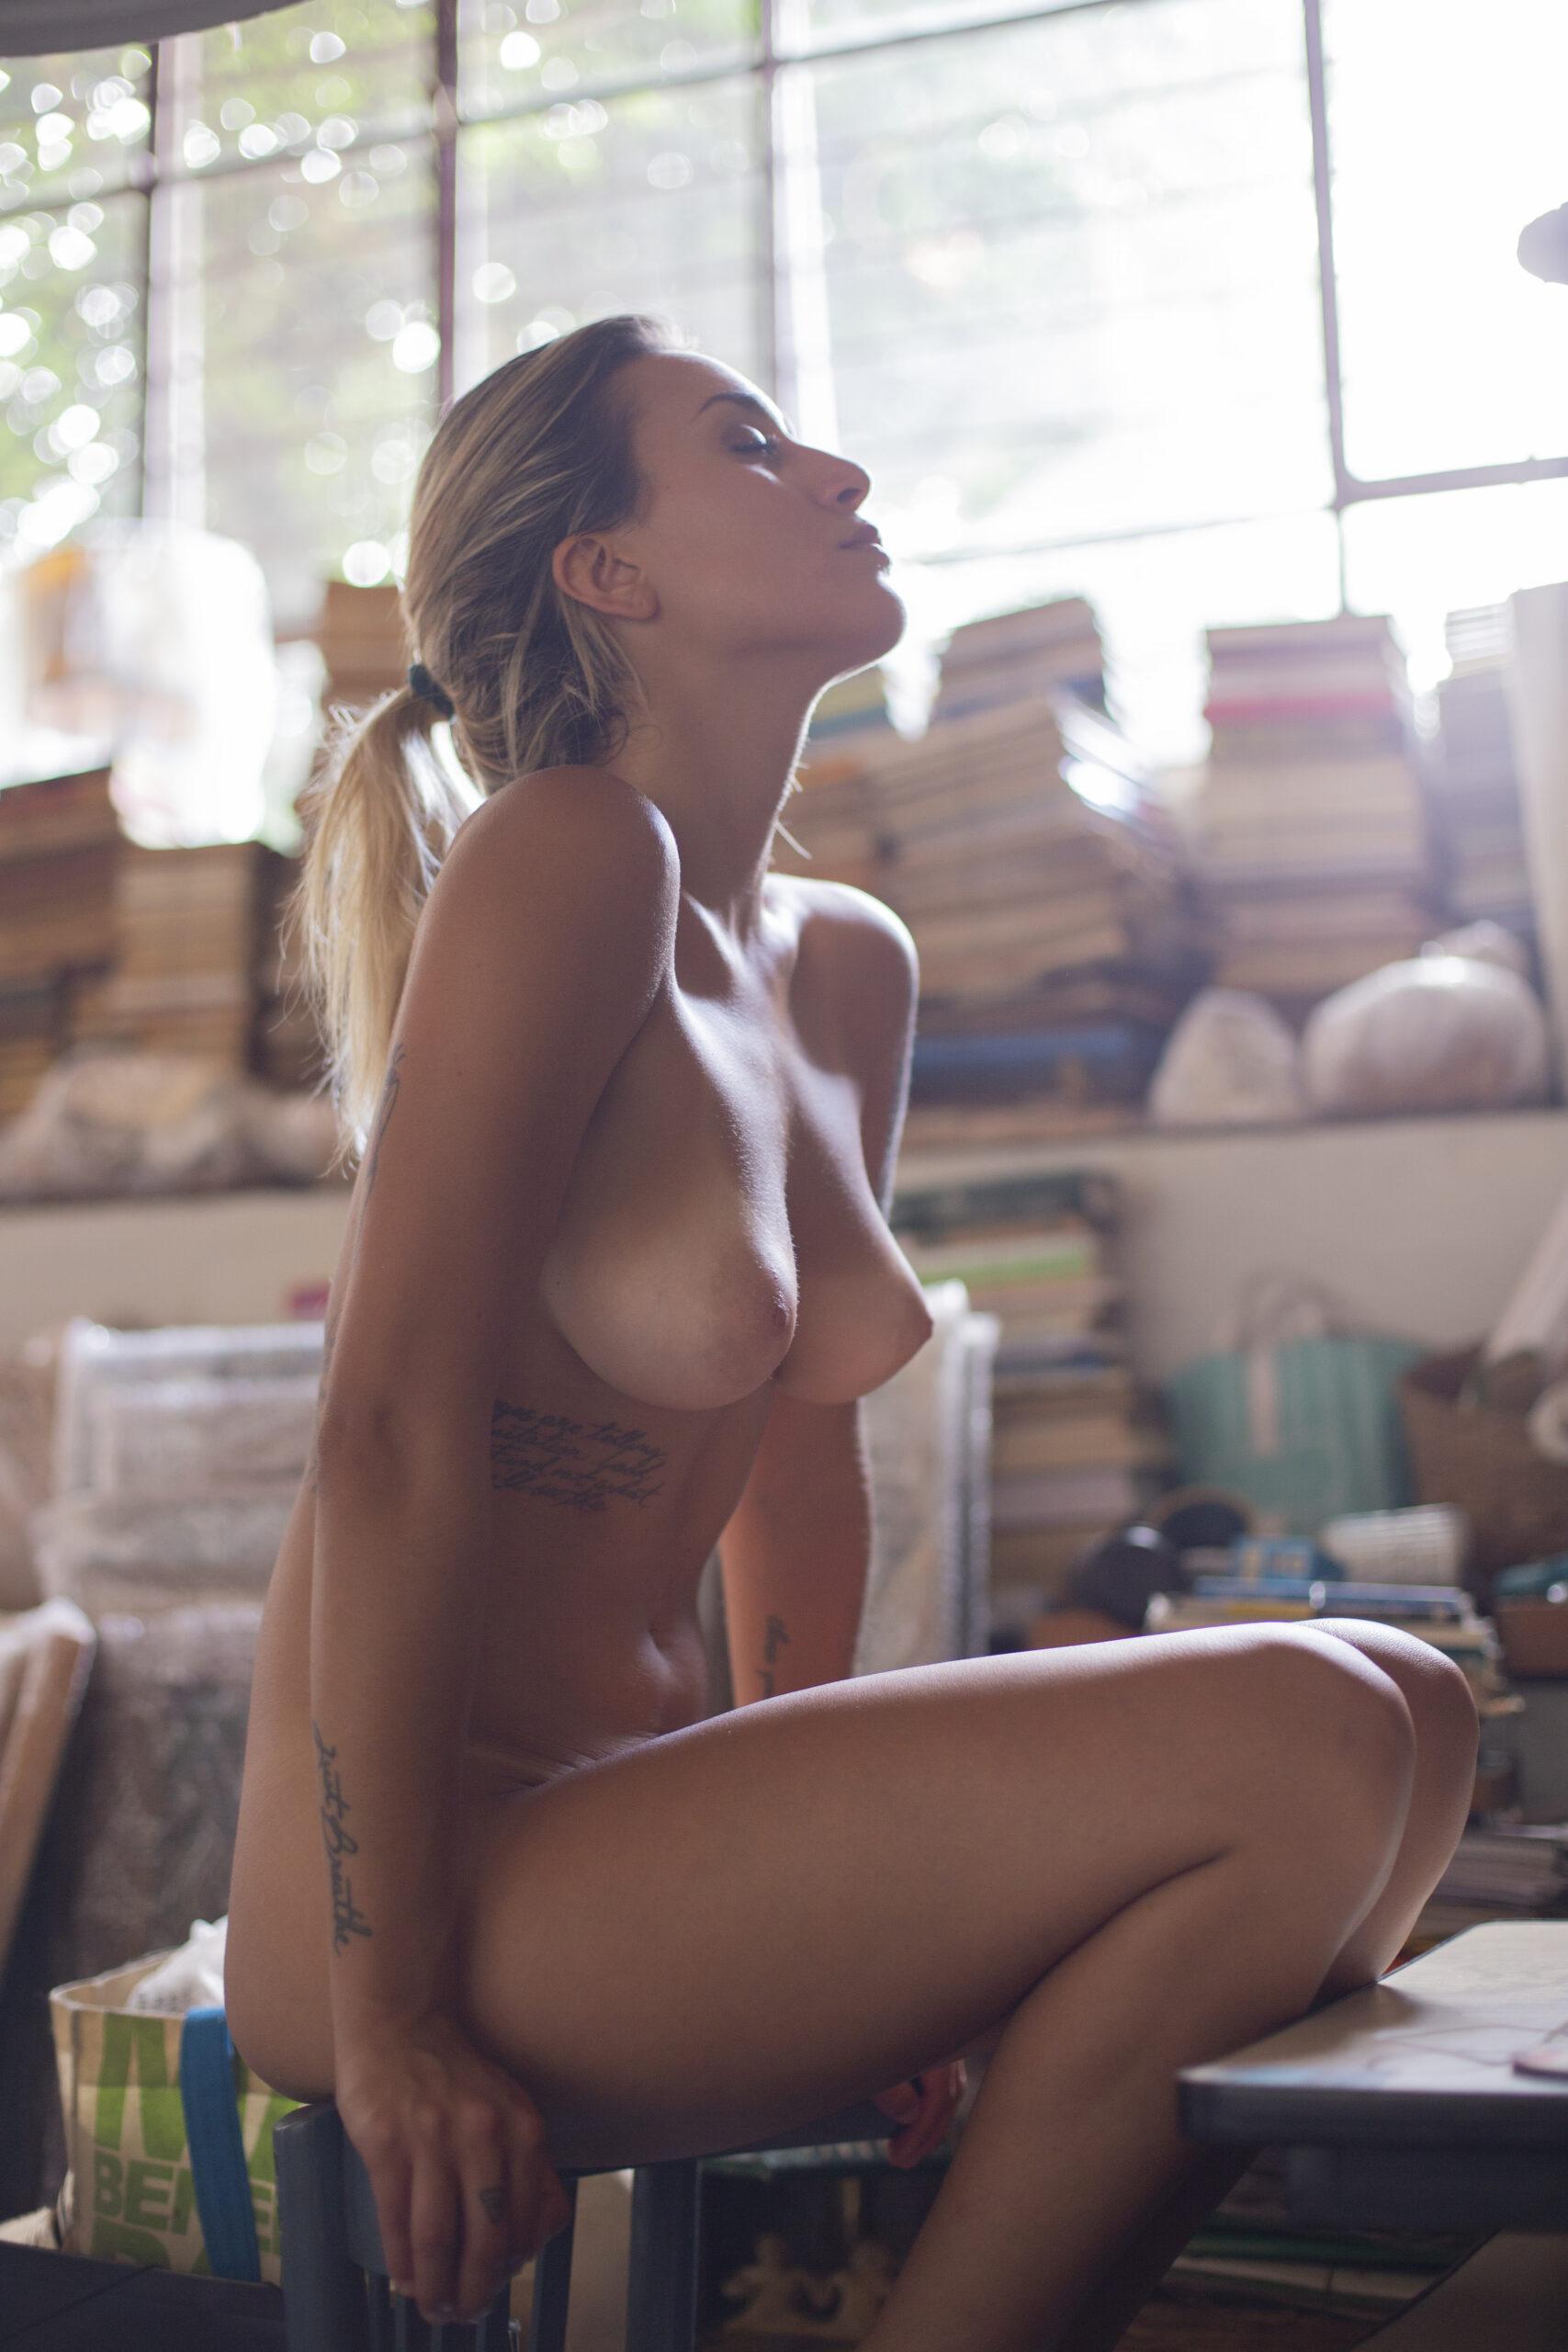 Taller de Fotografía de Desnudo en BArcelona